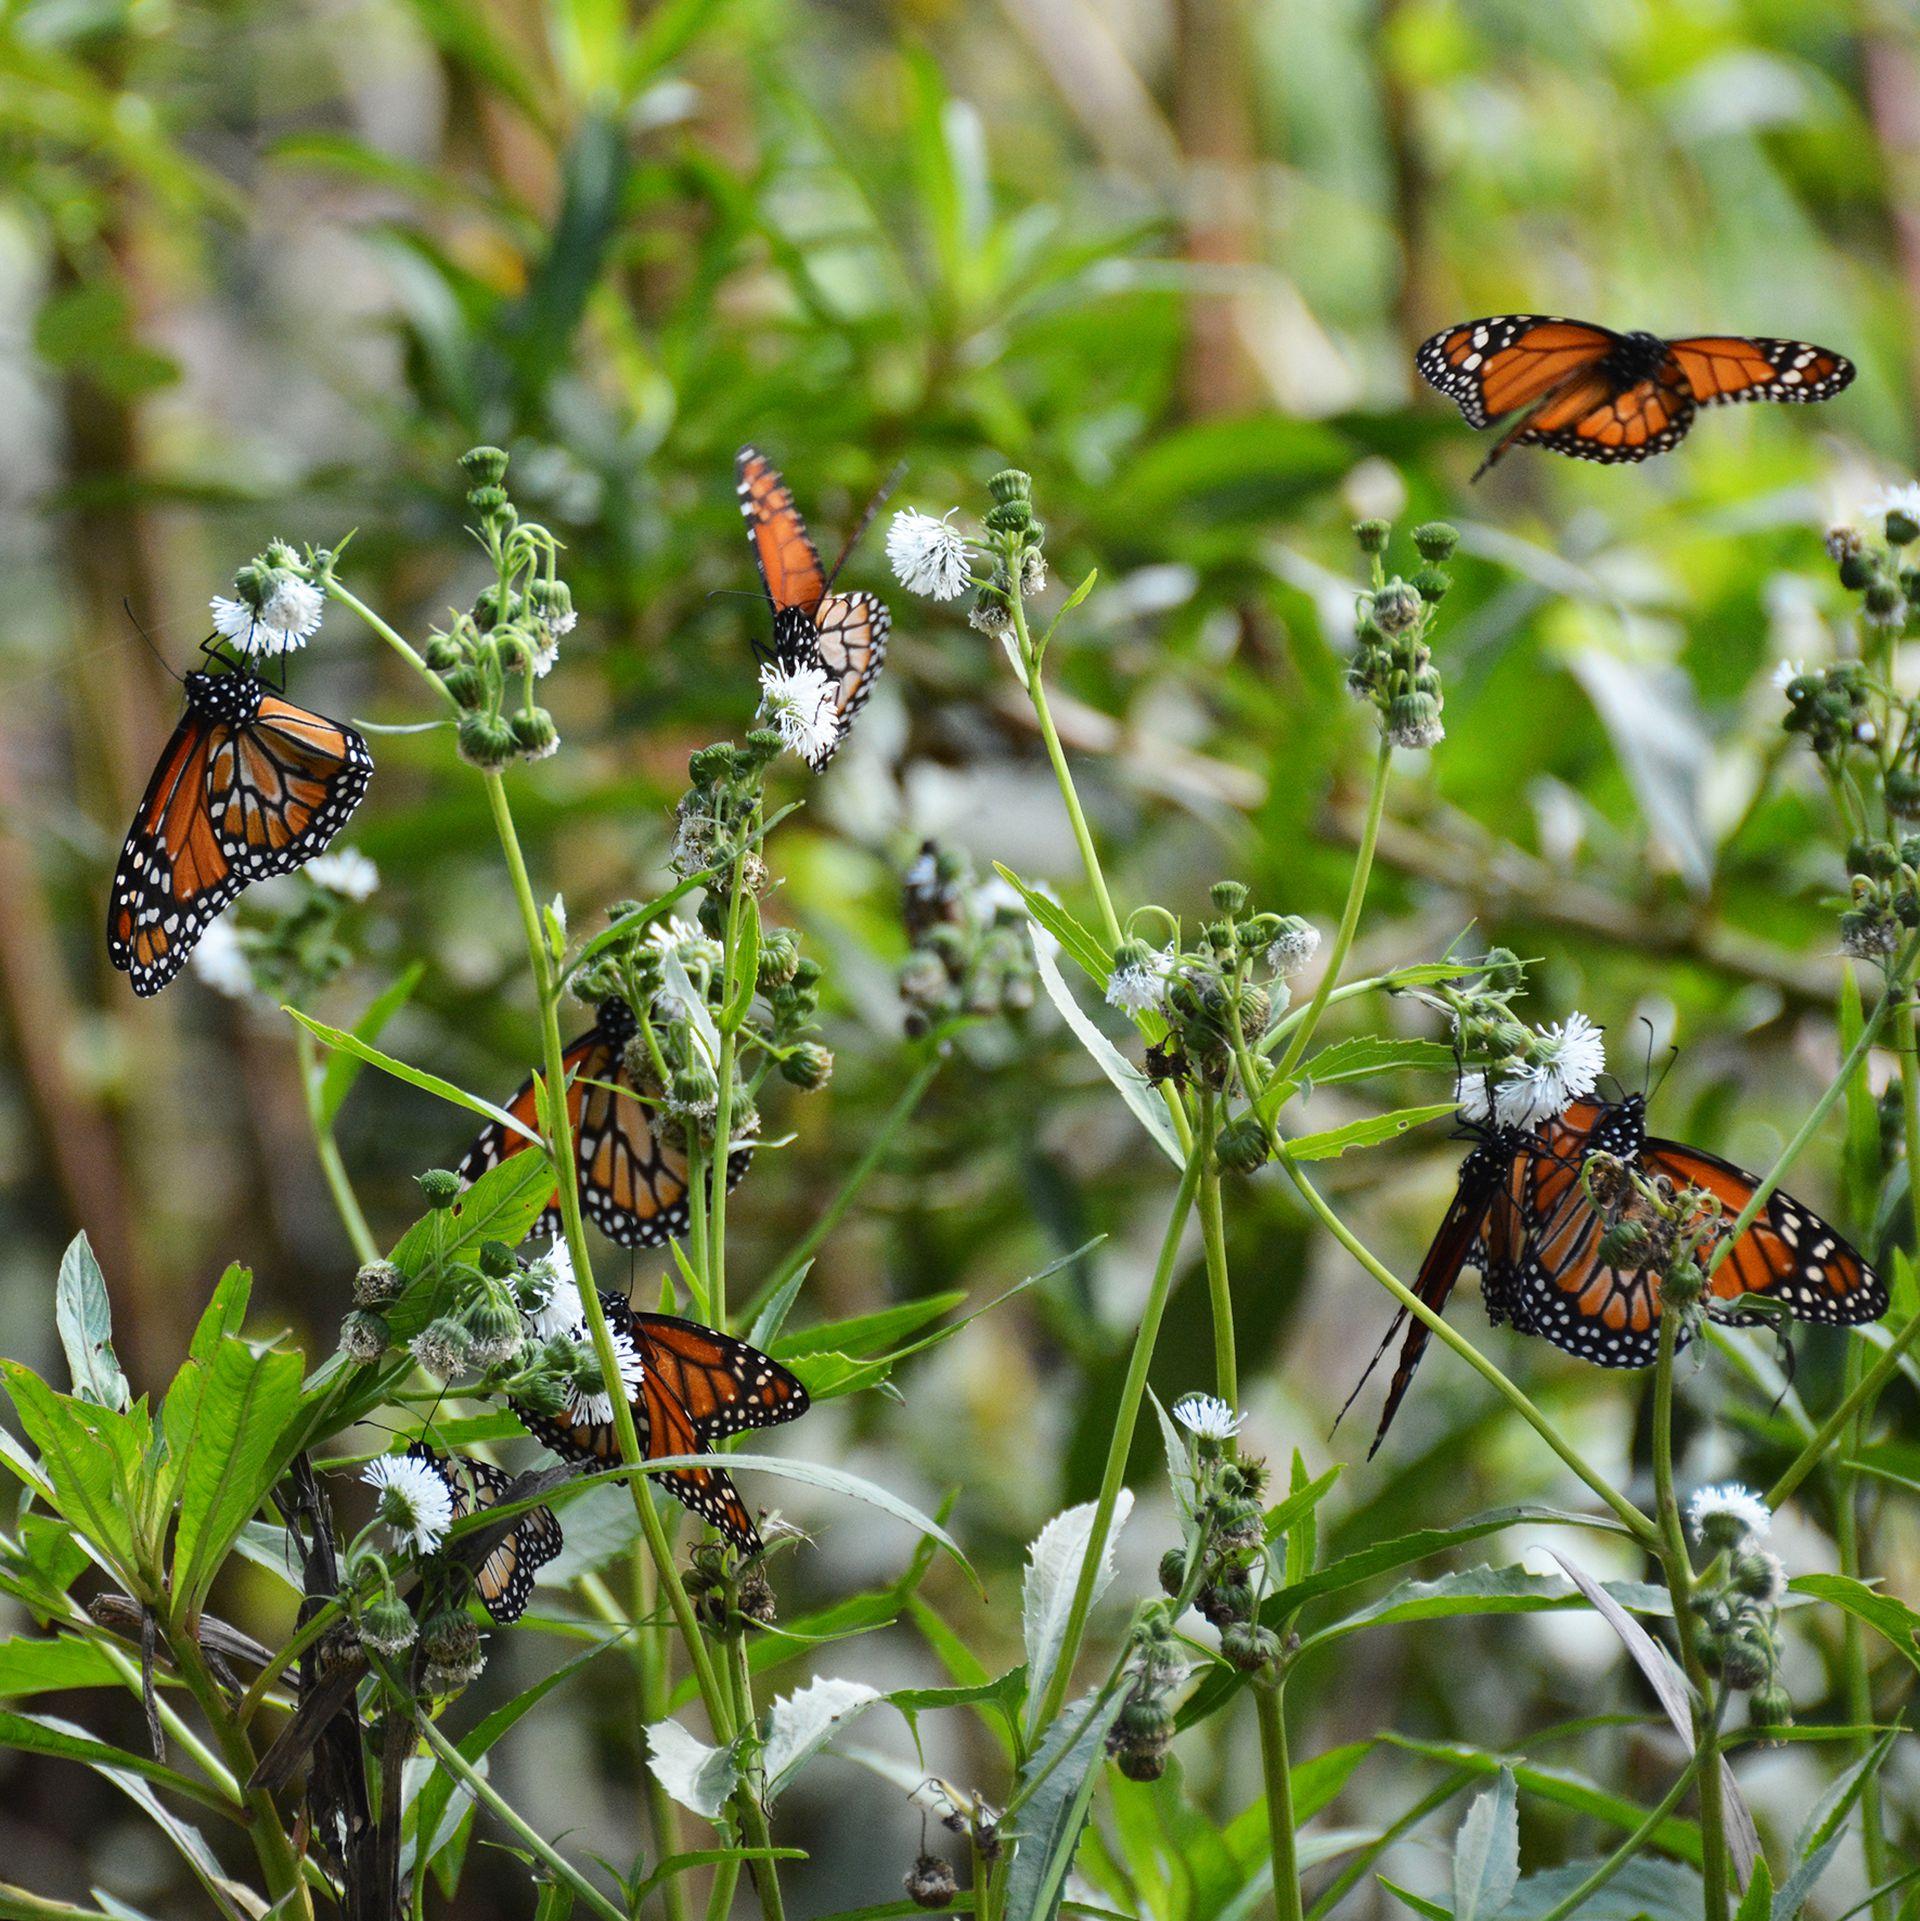 Enjambre de mariposas monarca del sur en la Reserva Ecológica Costanera Sur